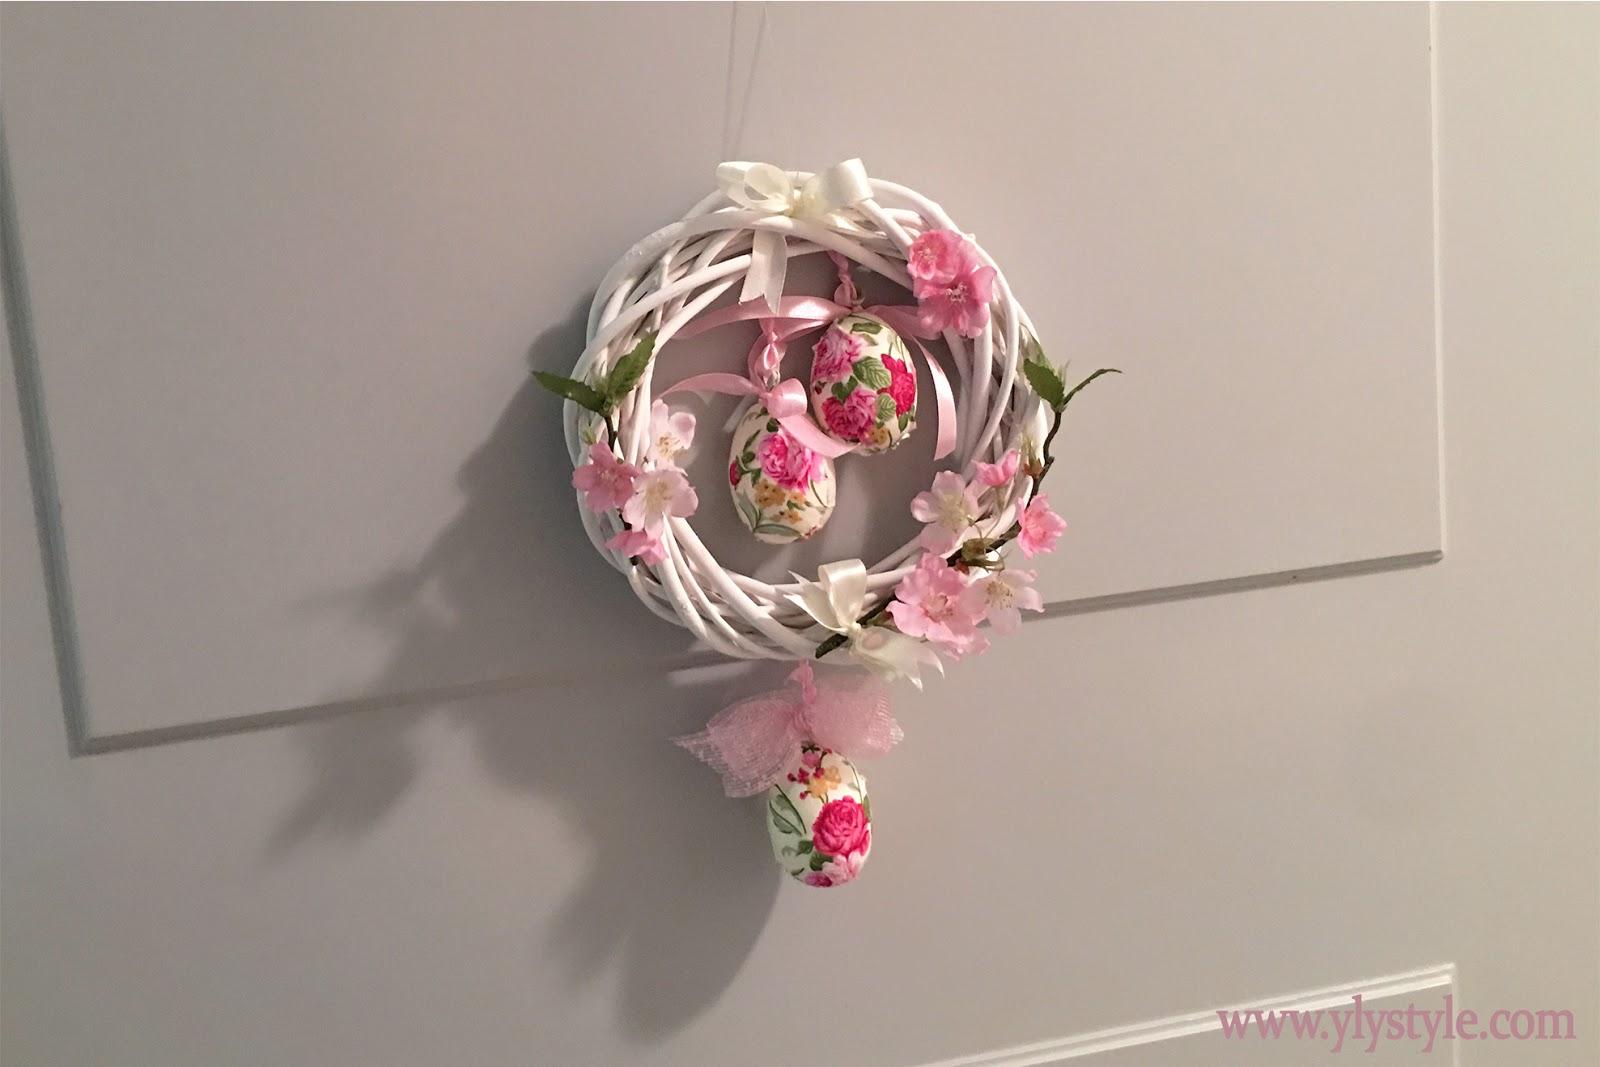 Ylystyle official website idee per semplici decorazioni for Decorazioni porta ingresso